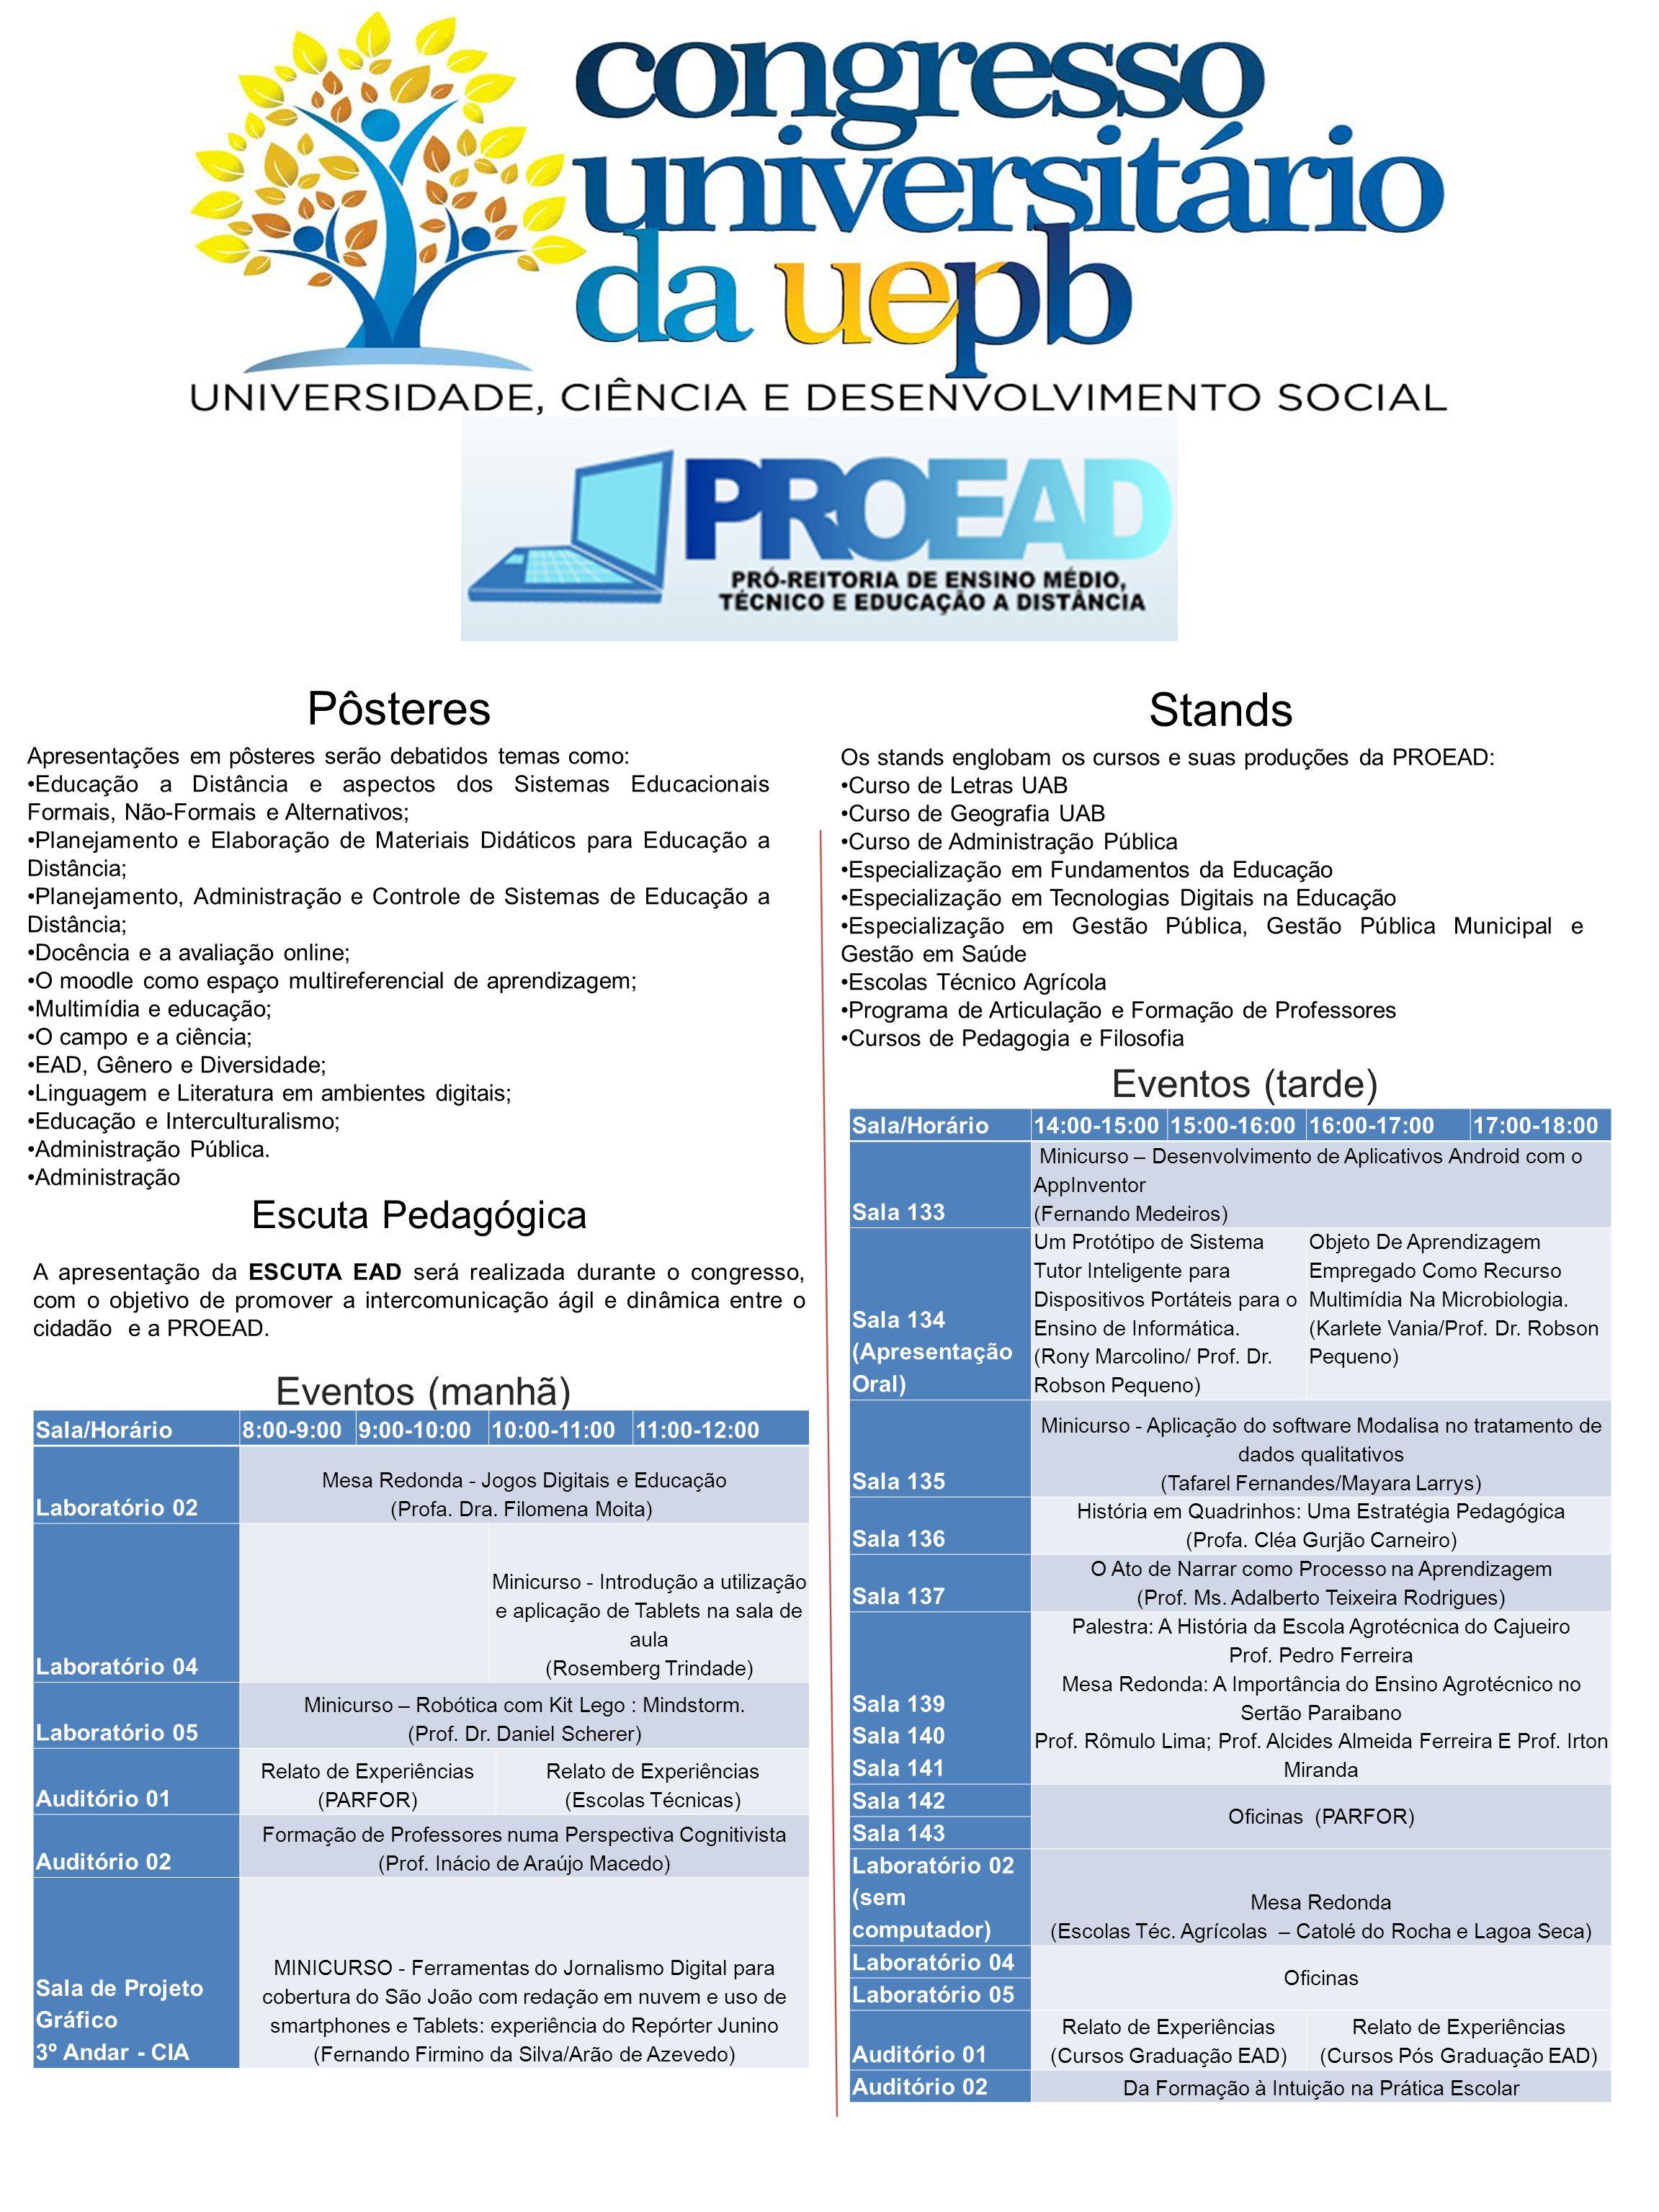 Eventos (manhã) Sala/Horário8:00-9:009:00-10:0010:00-11:0011:00-12:00 Laboratório 02 Mesa Redonda - Jogos Digitais e Educação (Profa.